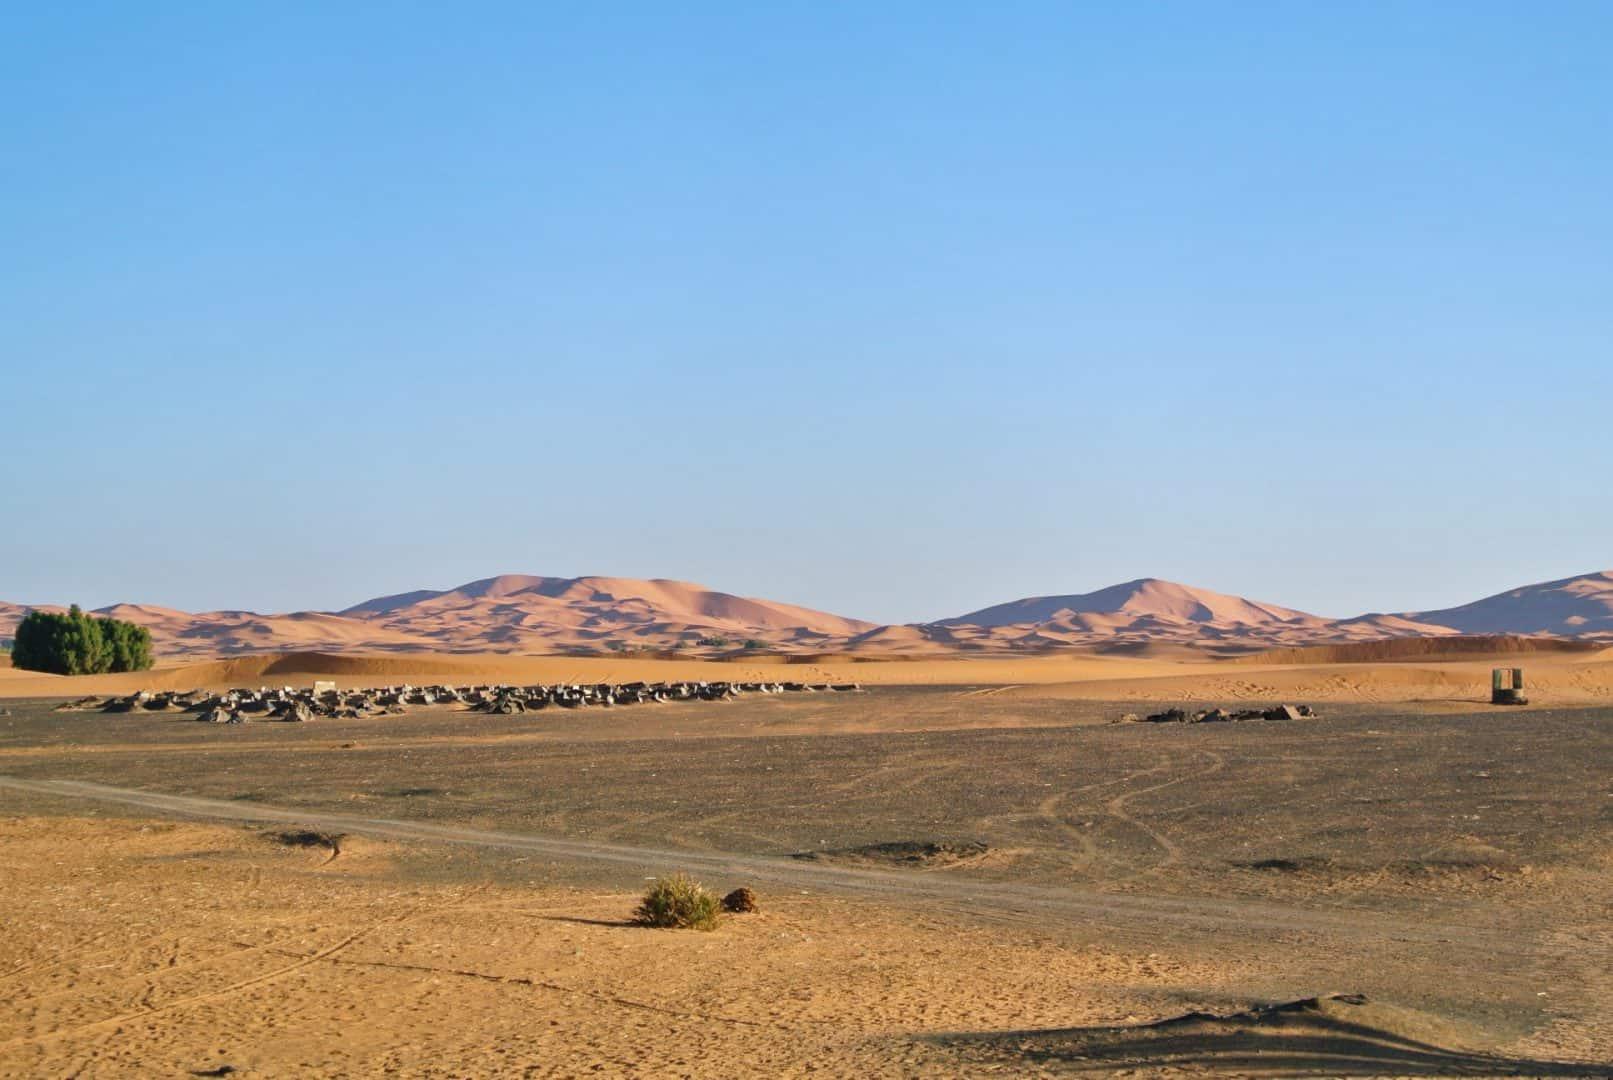 merzouga desert travel guide